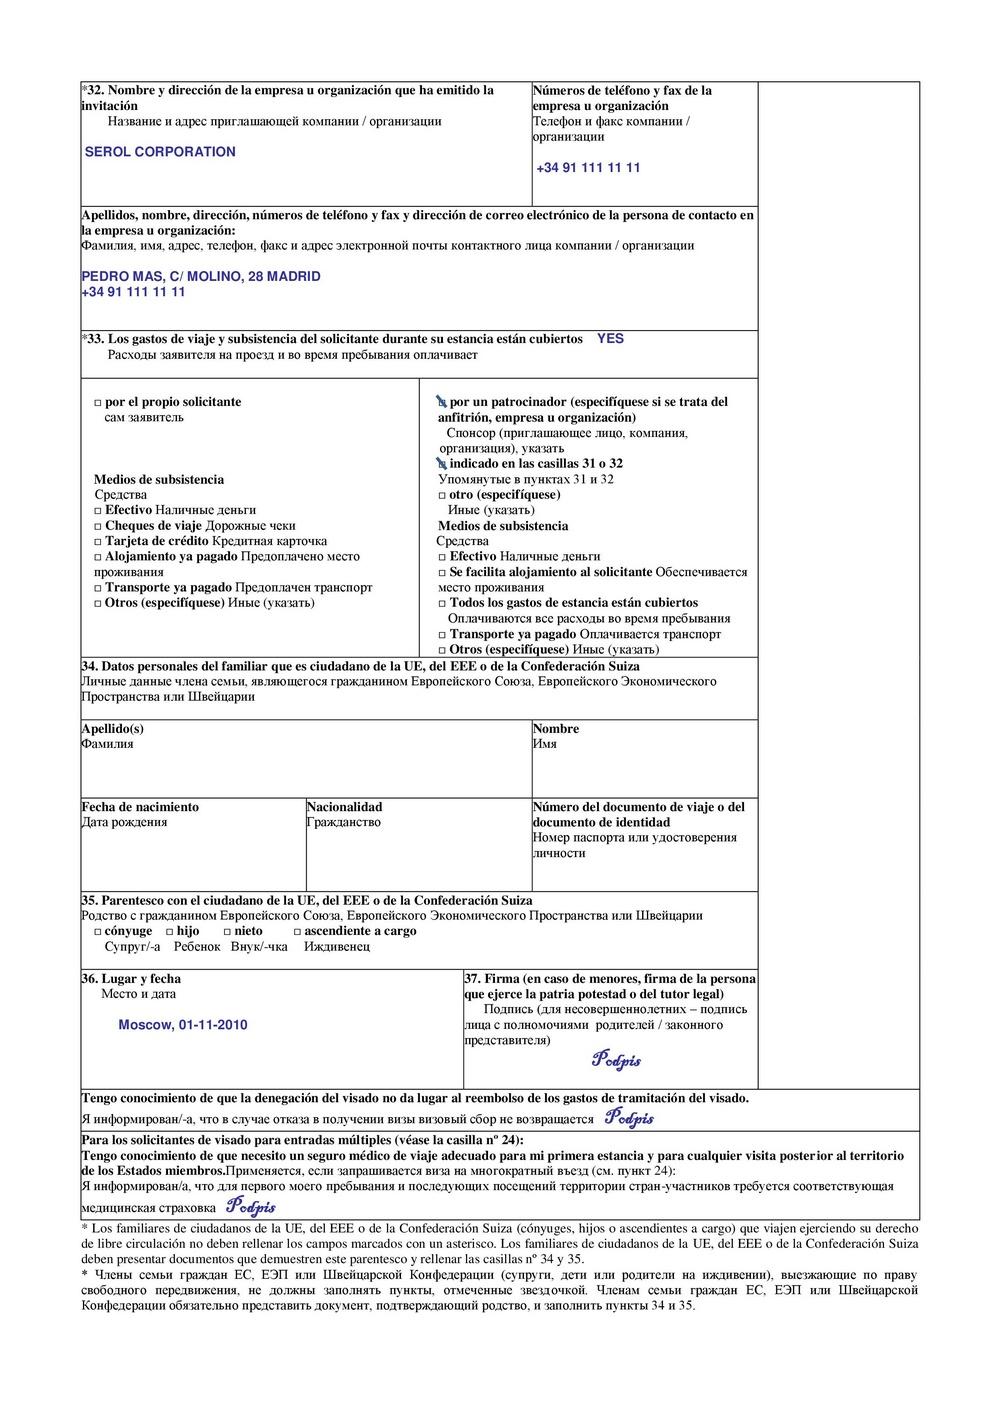 Образец заполнения анкеты на визу в Испанию, стр. 3